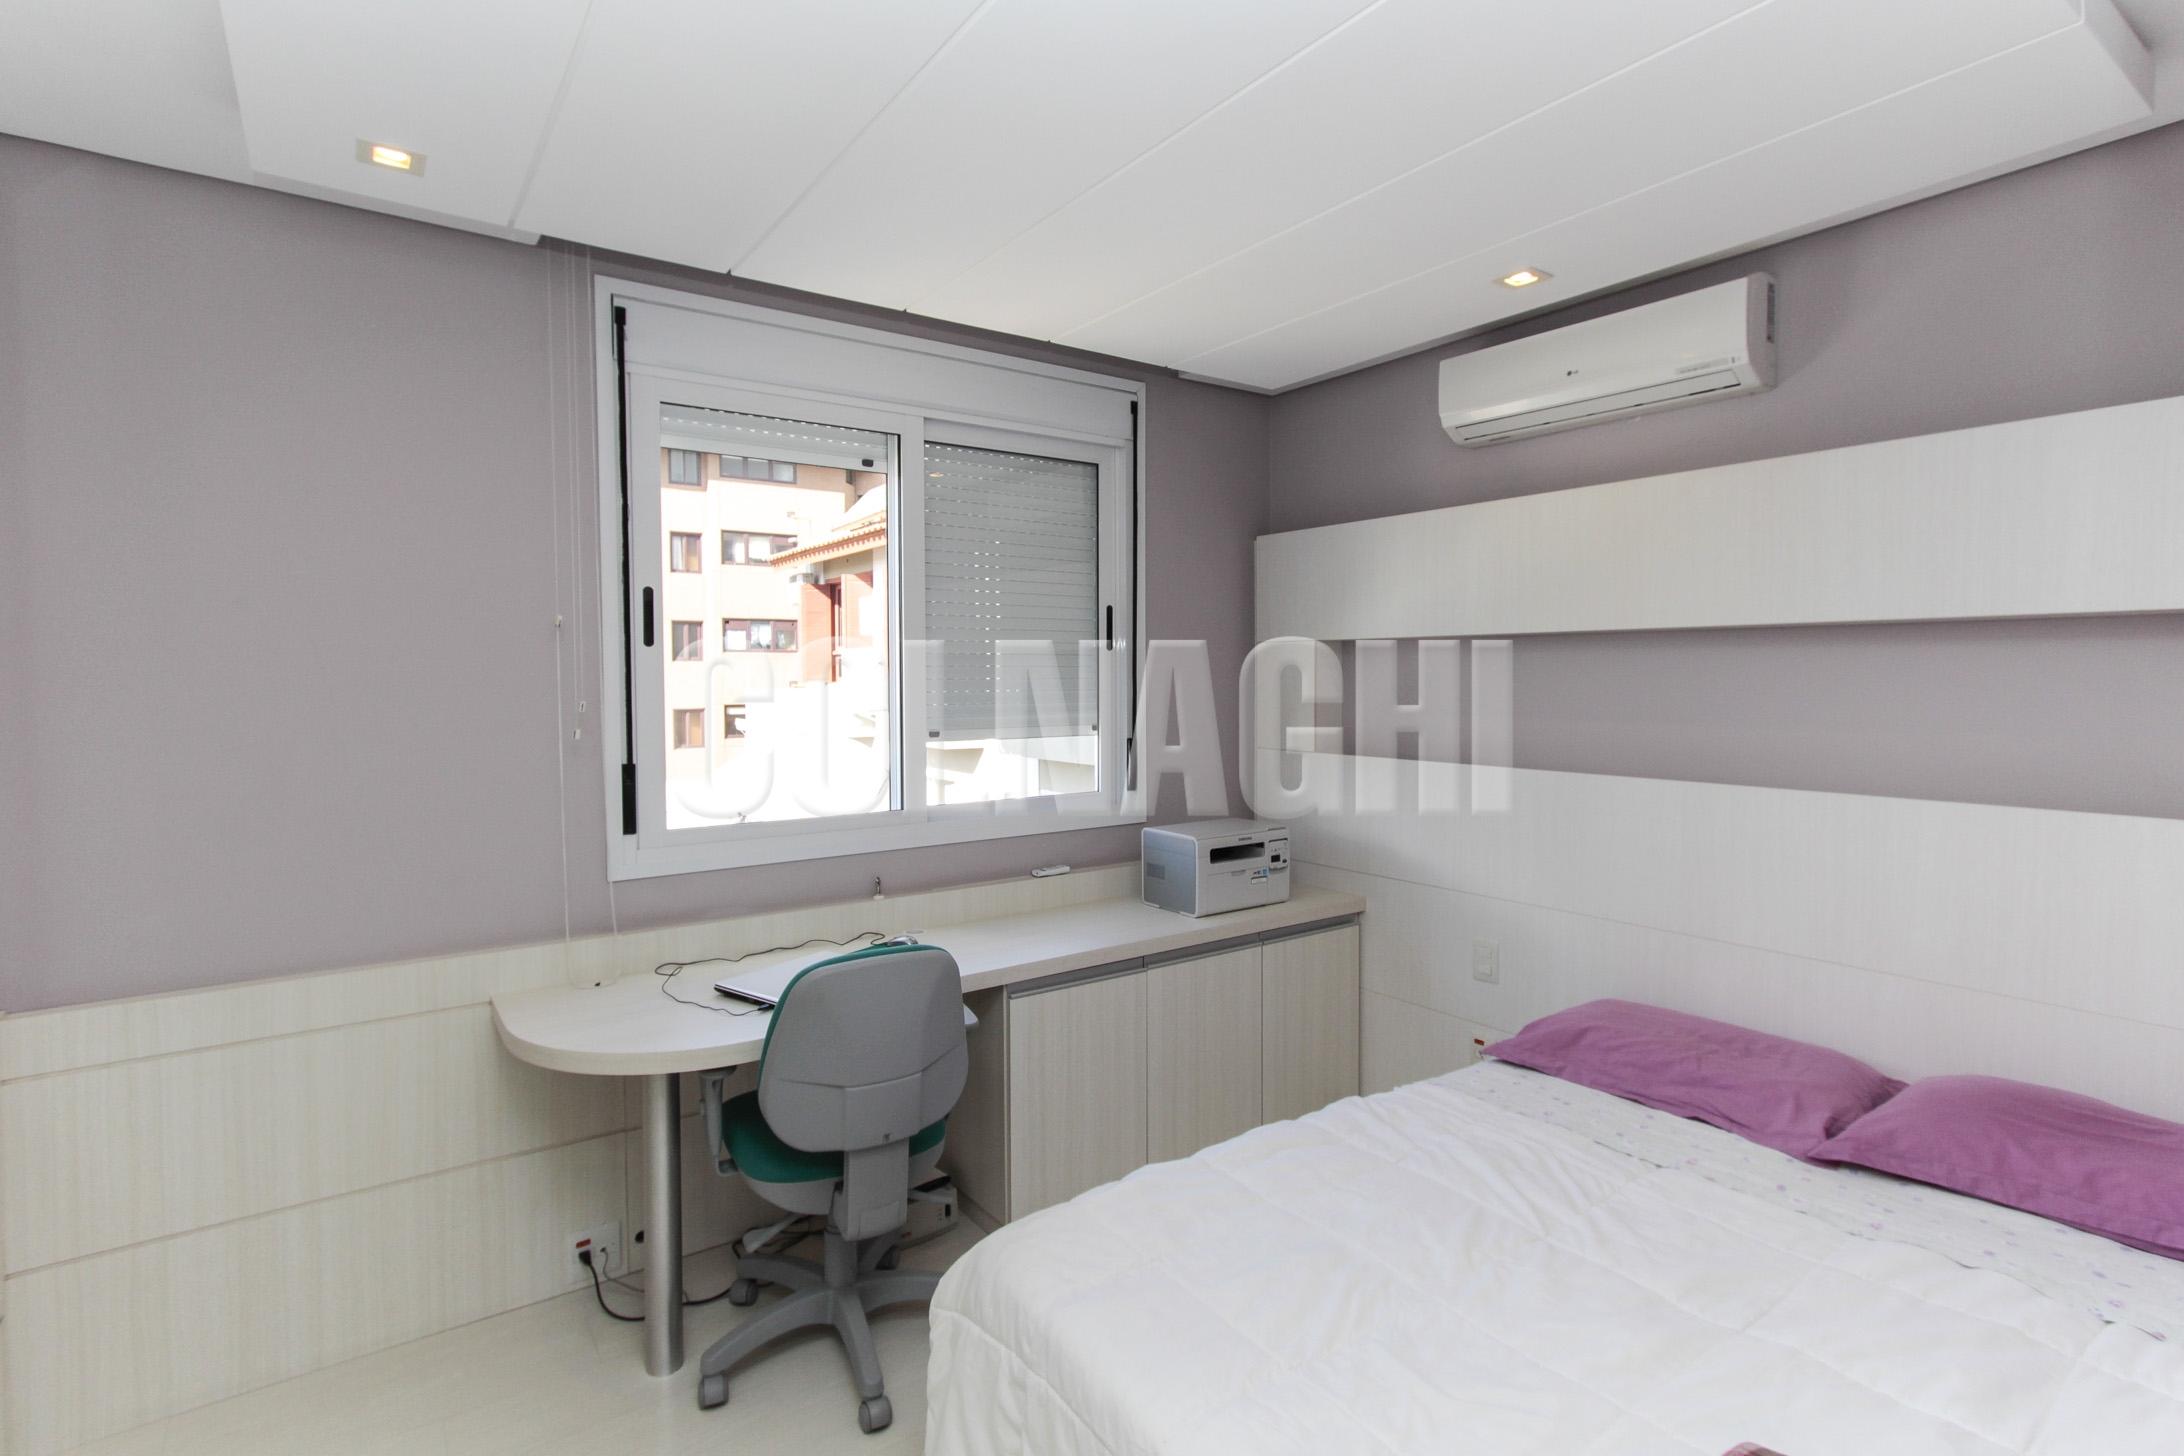 Embassy - Apto 3 Dorm, Bela Vista, Porto Alegre (CL12875) - Foto 11